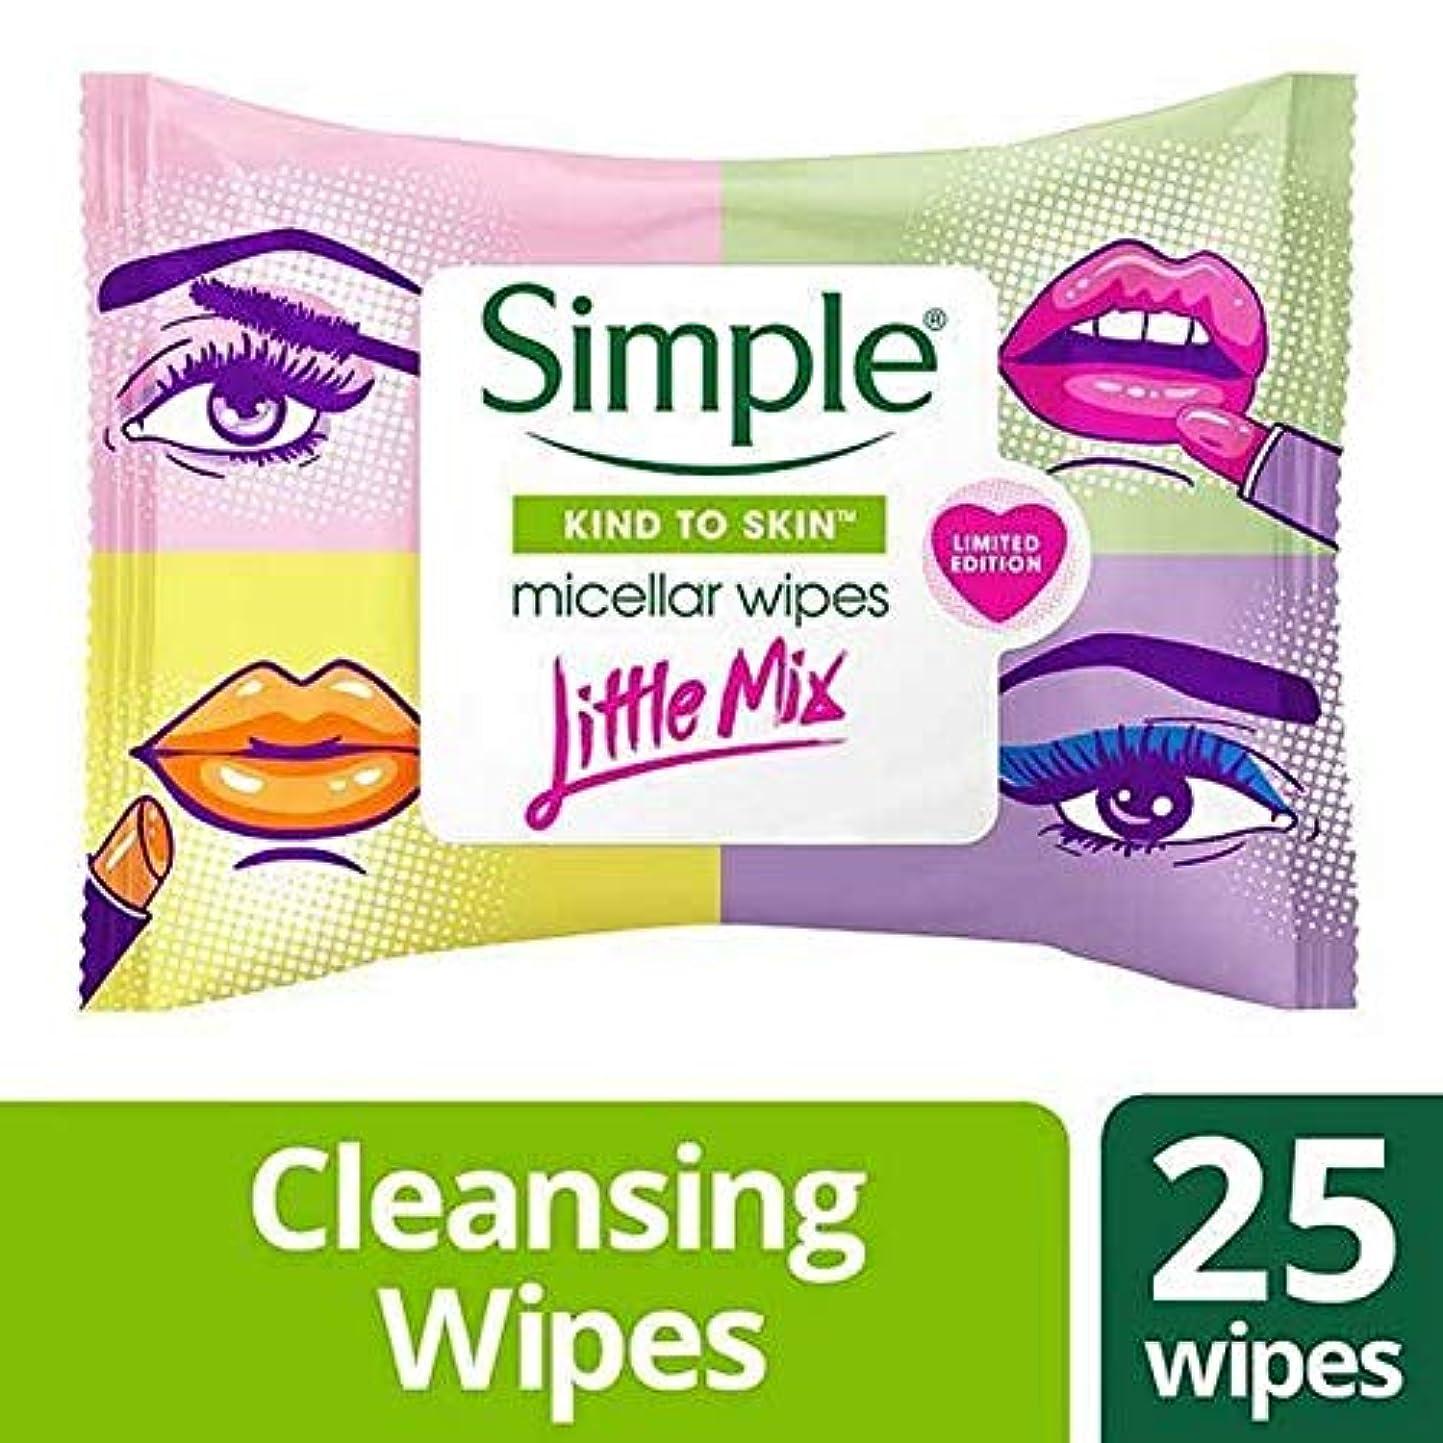 酔って砂利それら[Simple ] 単純X少しミックスミセルは、25Sワイプ - Simple x Little Mix Micellar Wipes 25s [並行輸入品]